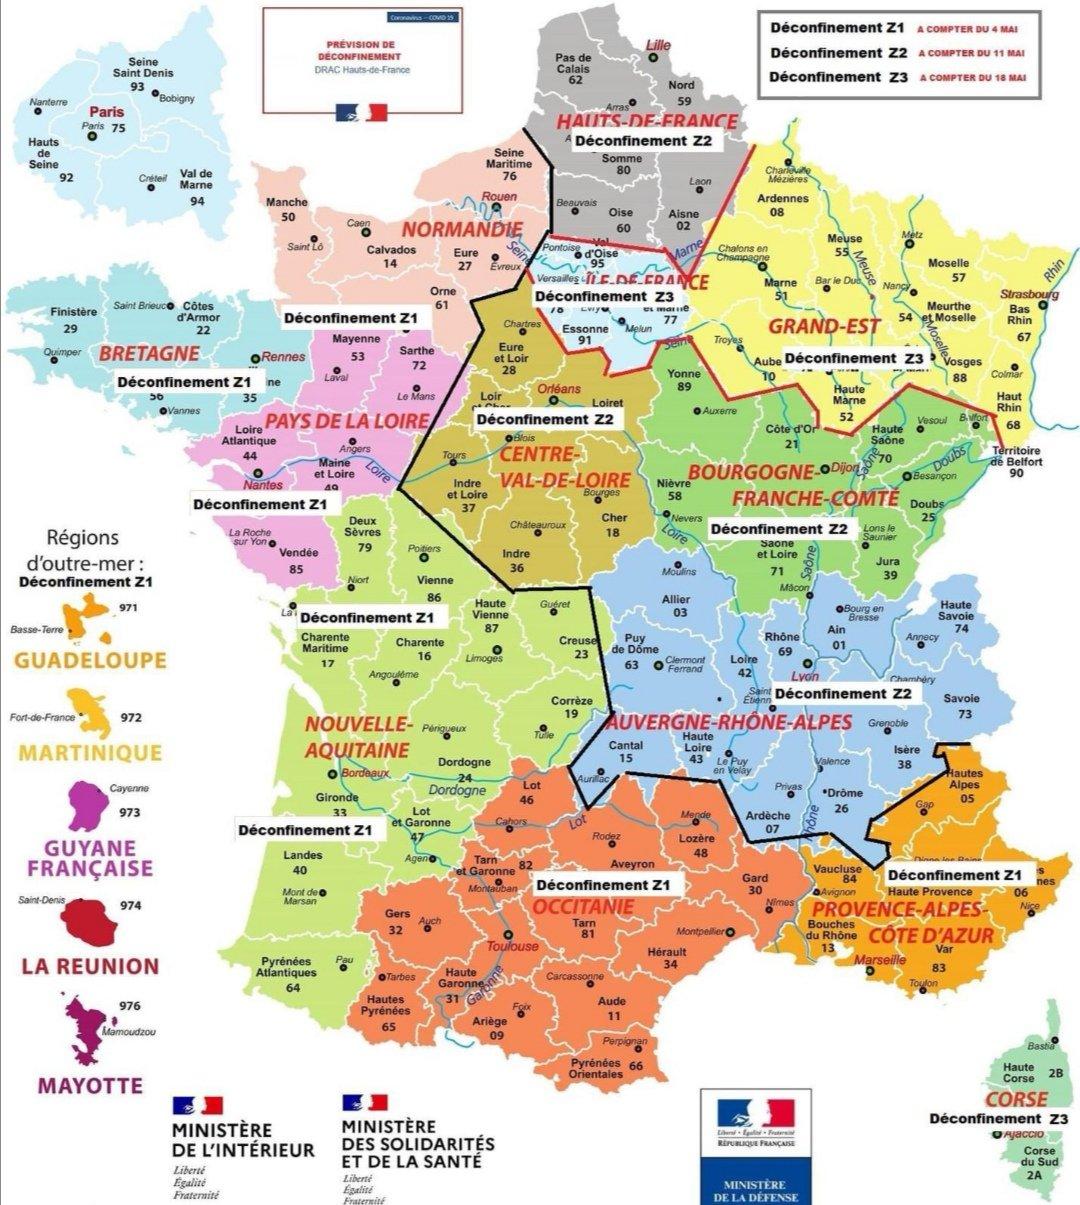 Déconfinement progressif : une fausse carte de France circule sur les réseaux sociaux - Contact FM